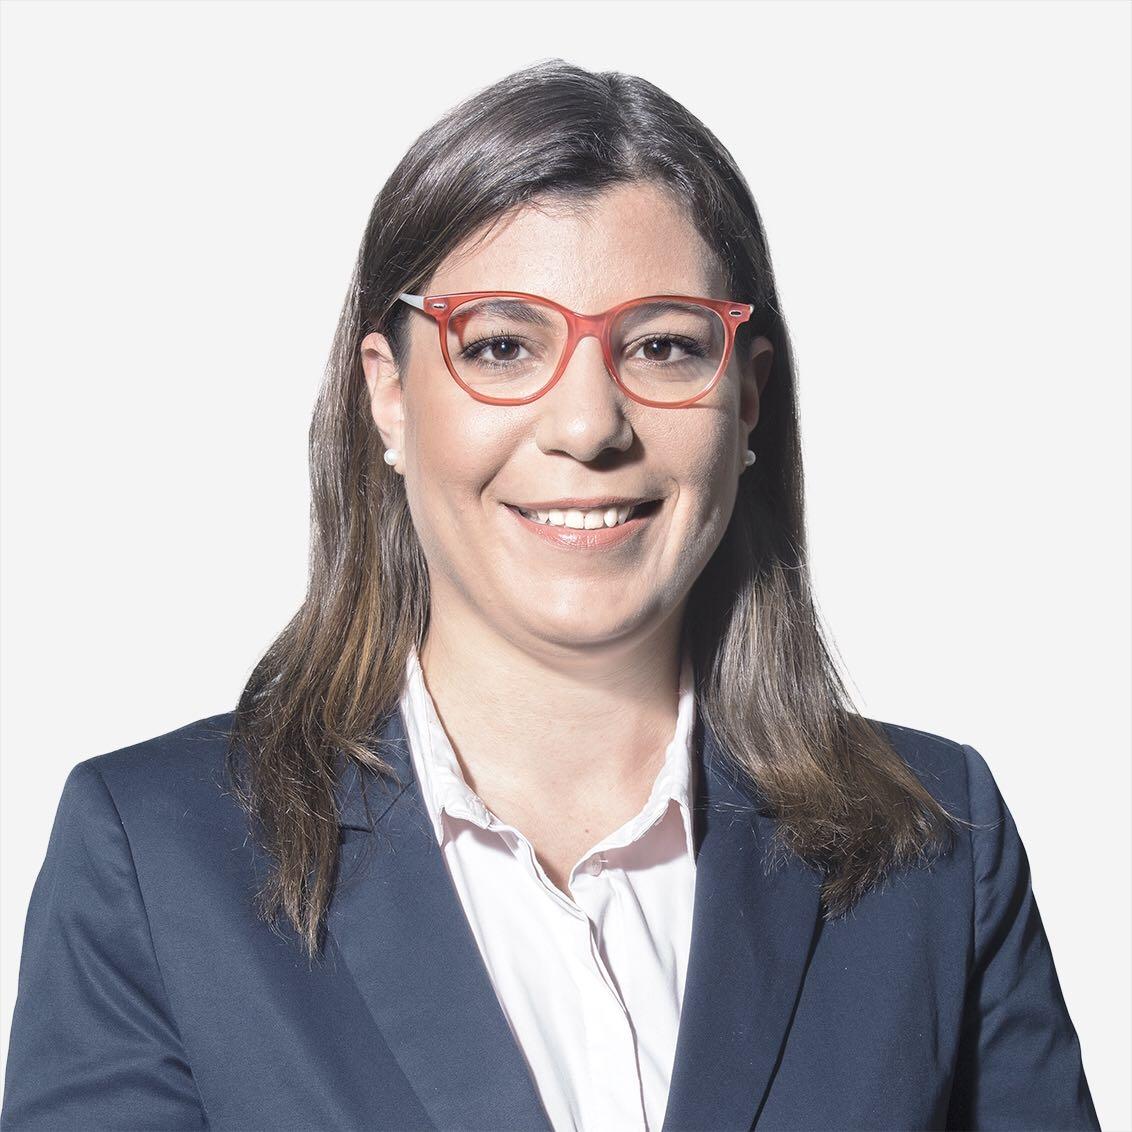 Elisabetta Pfister